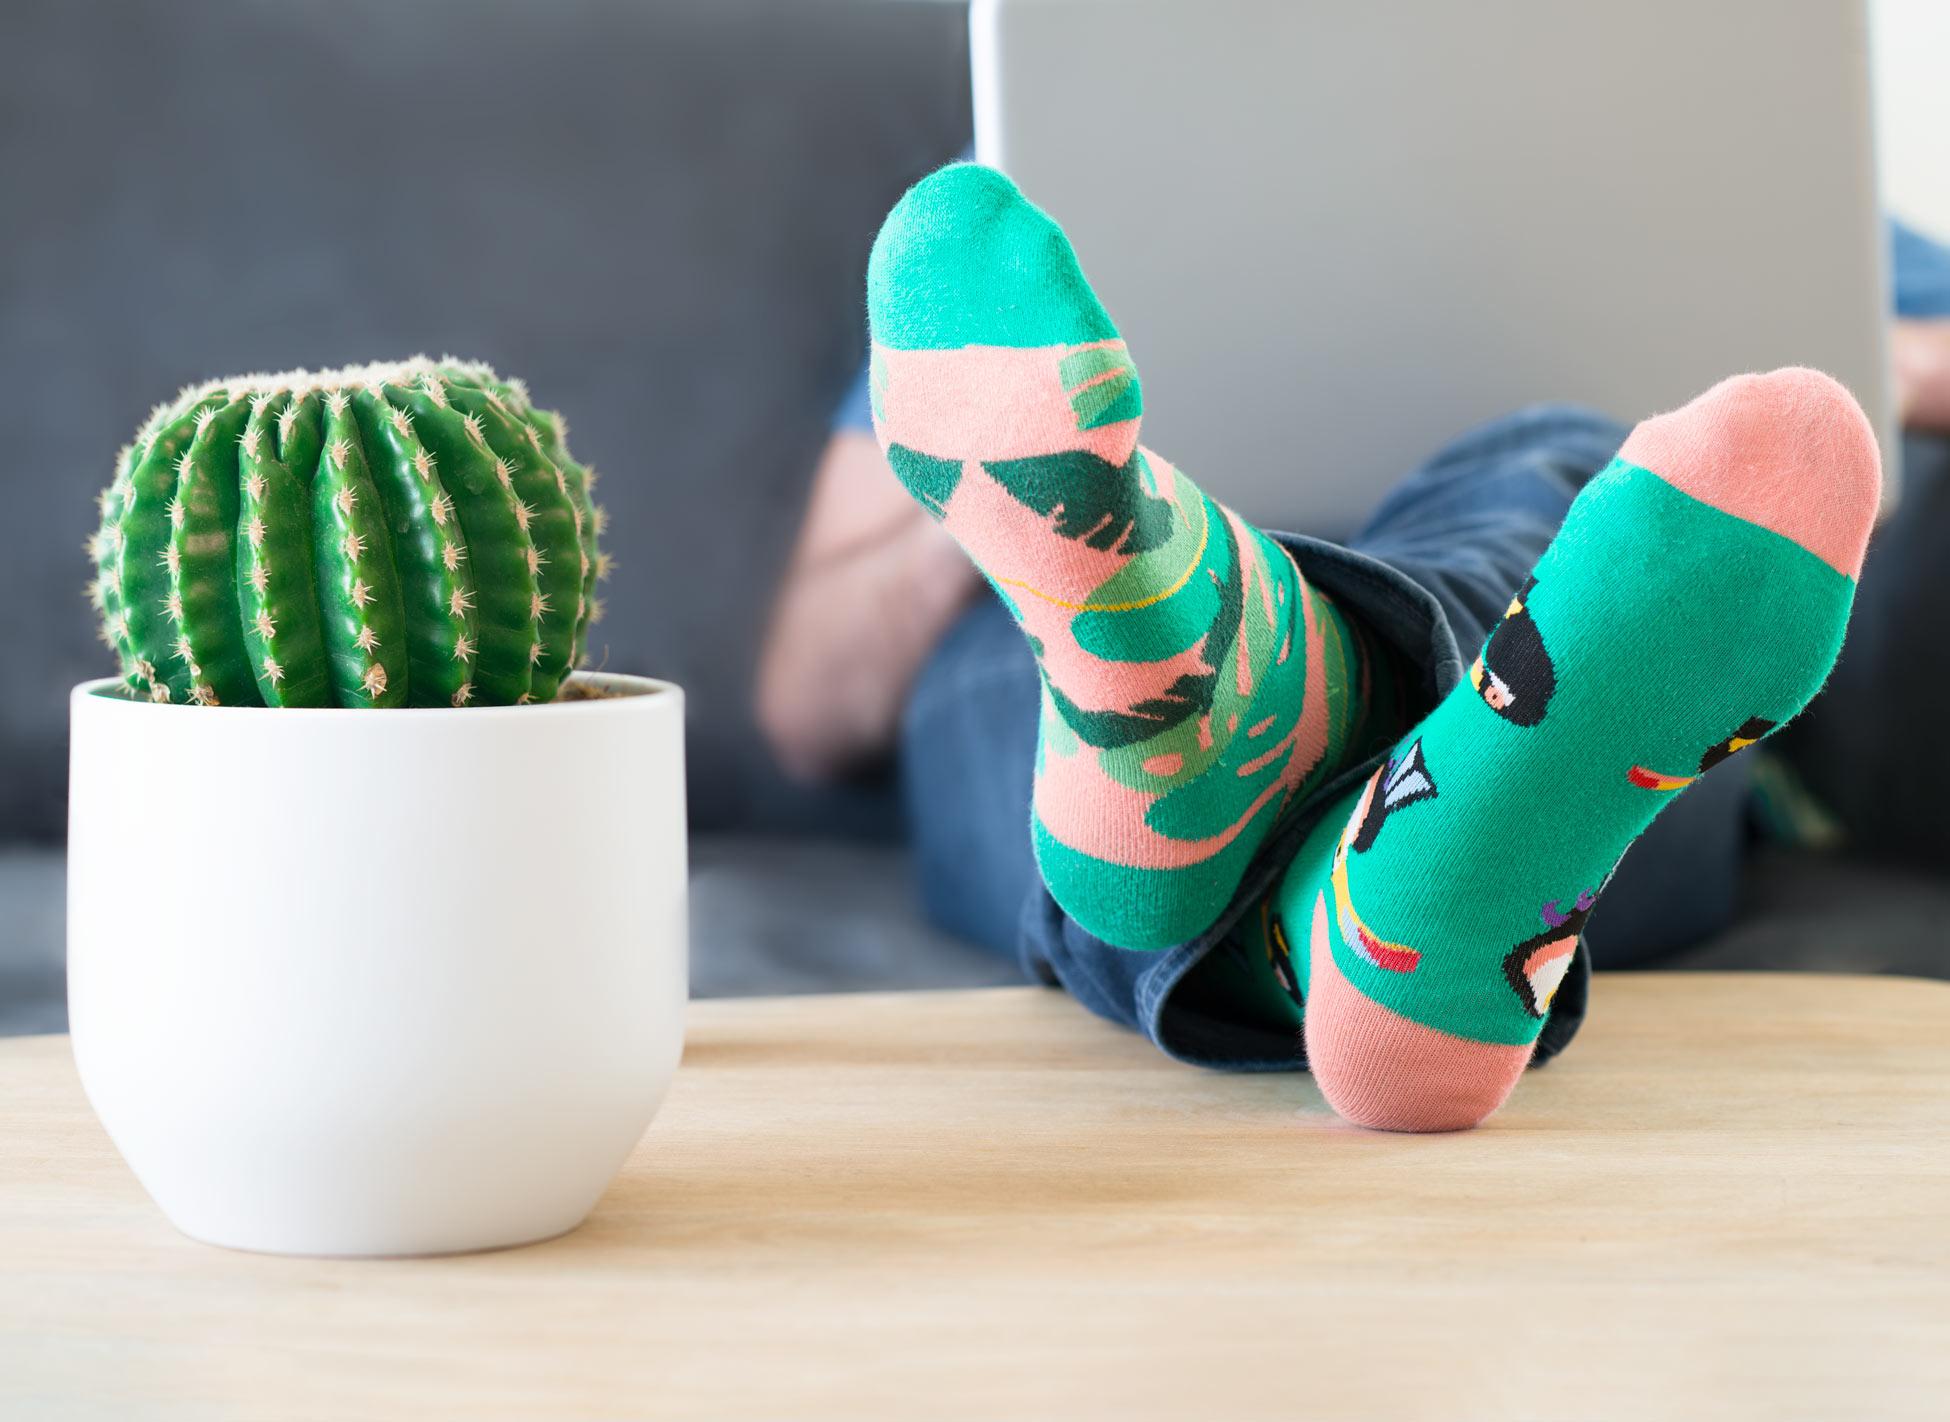 webmarketing, cactus et chaussettes colorées